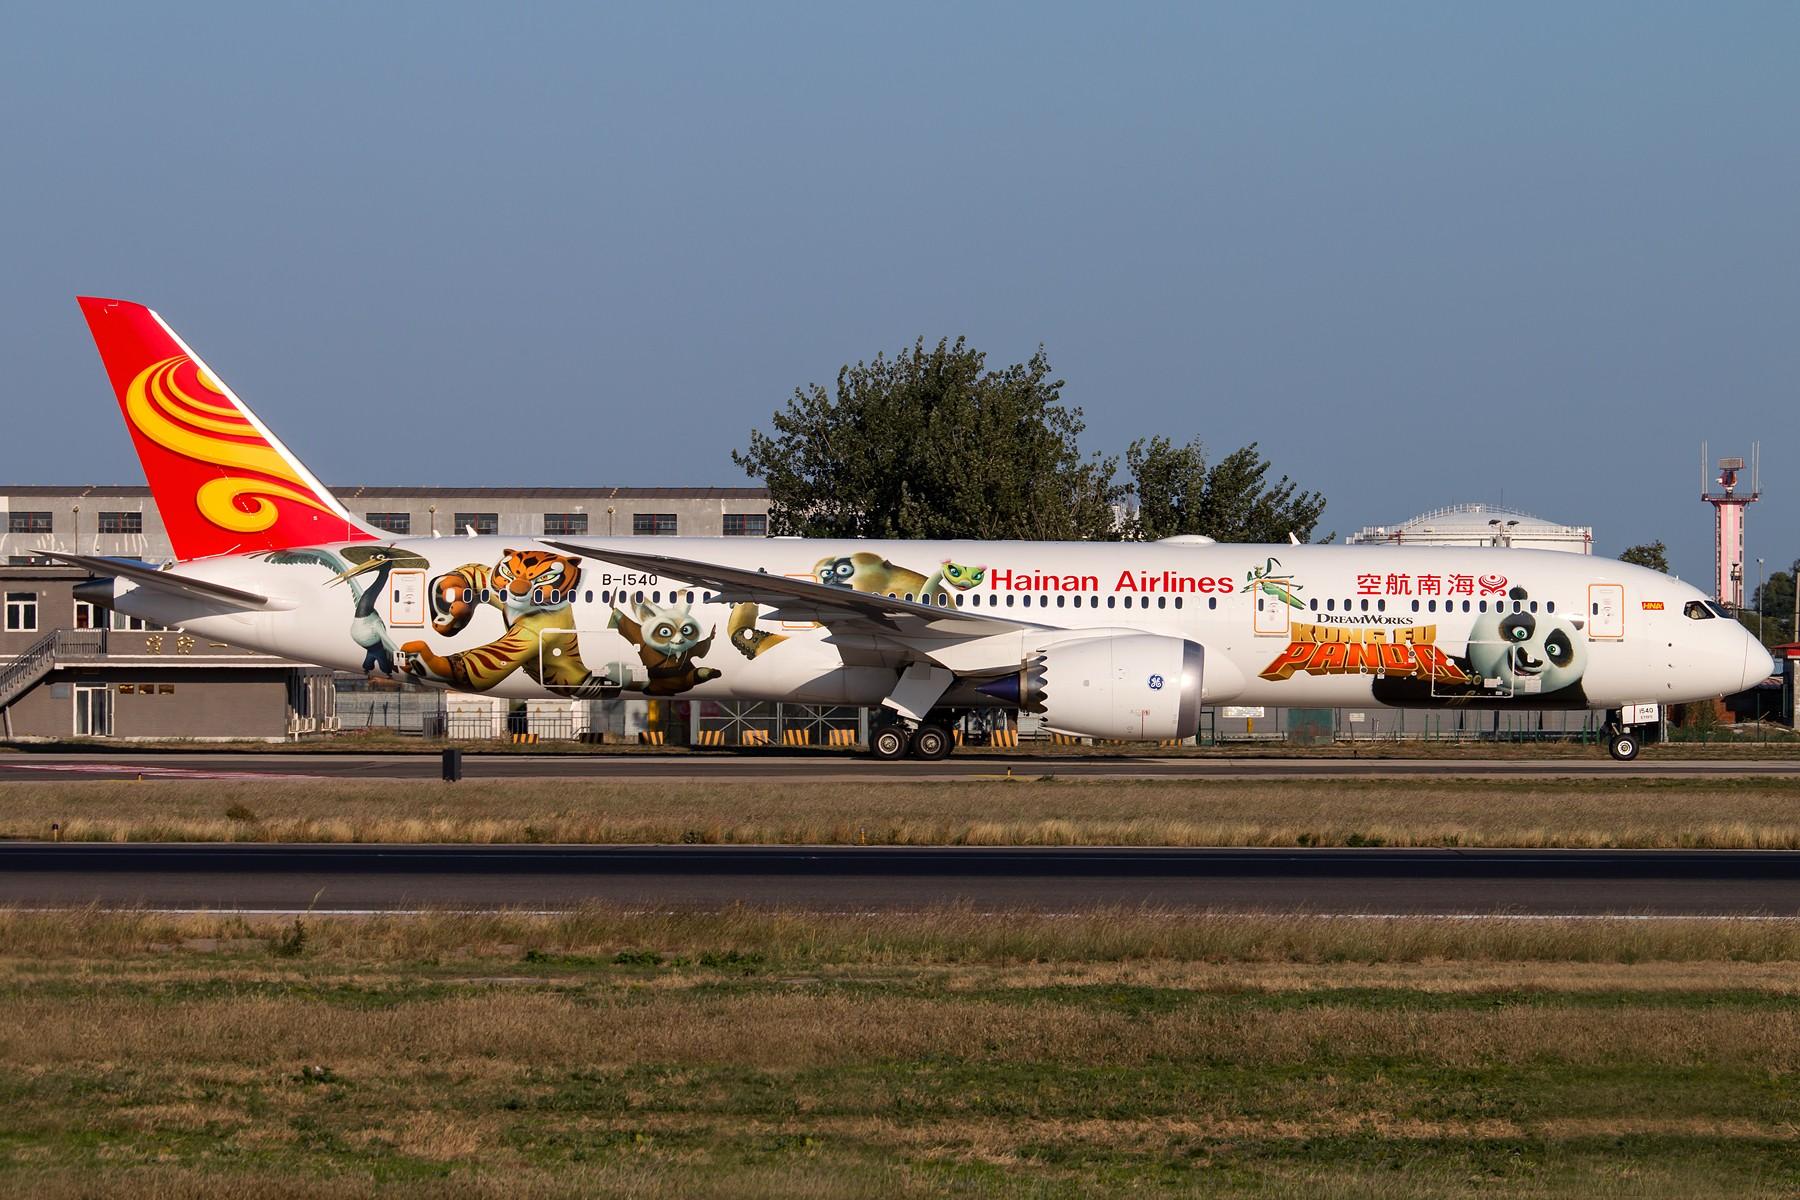 [原创][一图党]再来一张功夫熊猫 1800*1200 BOEING 787-9 B-1540 中国北京首都国际机场